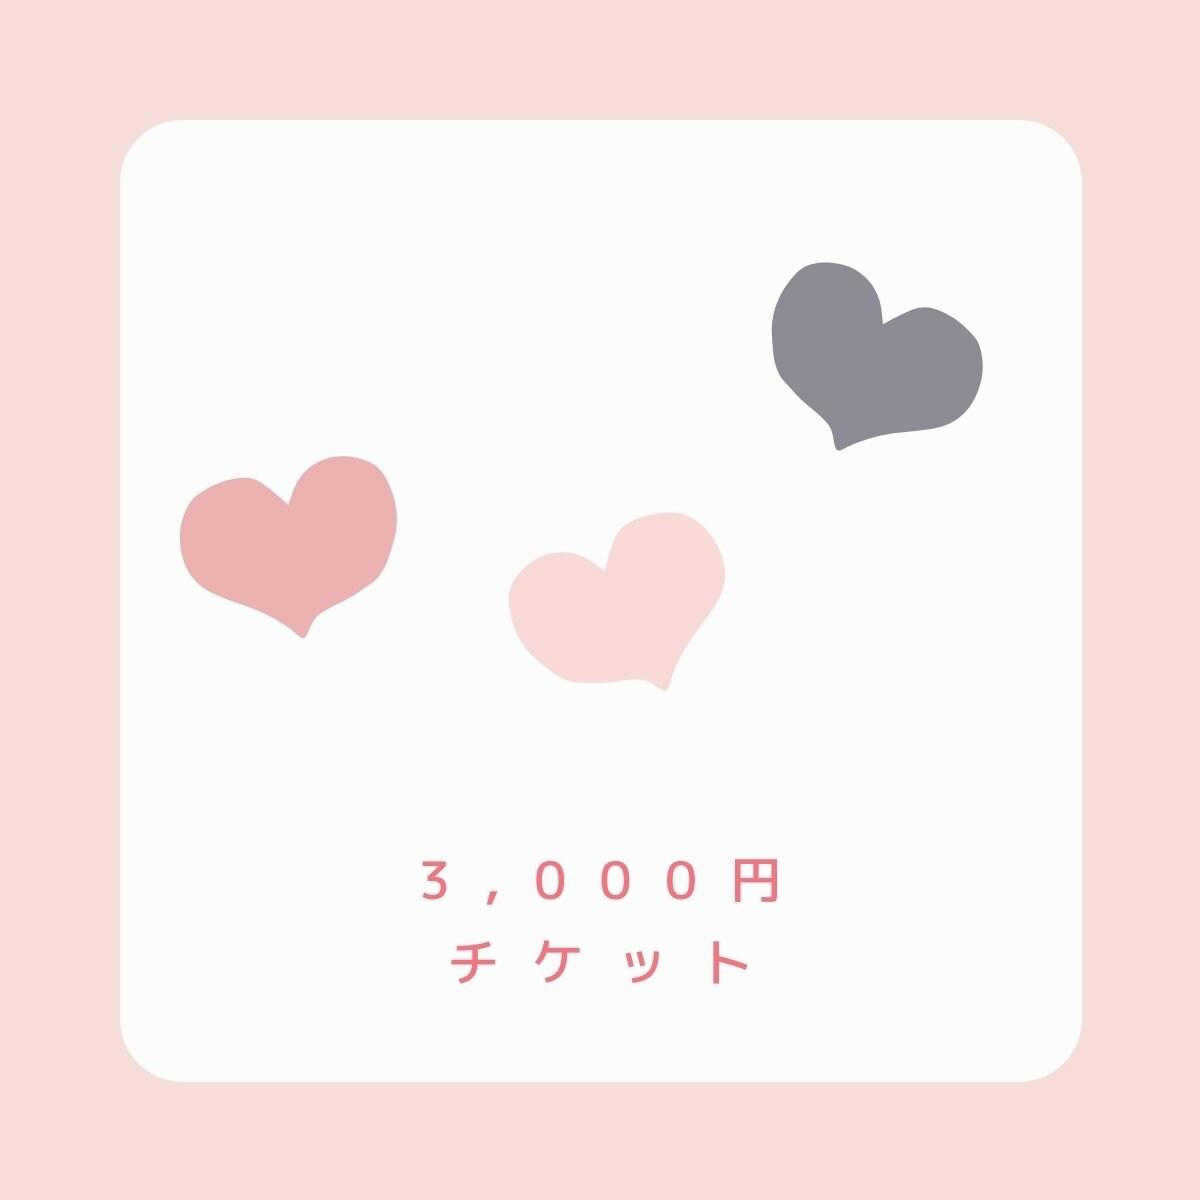 3,000円 延長チケット【会員さま専用】 のイメージその1